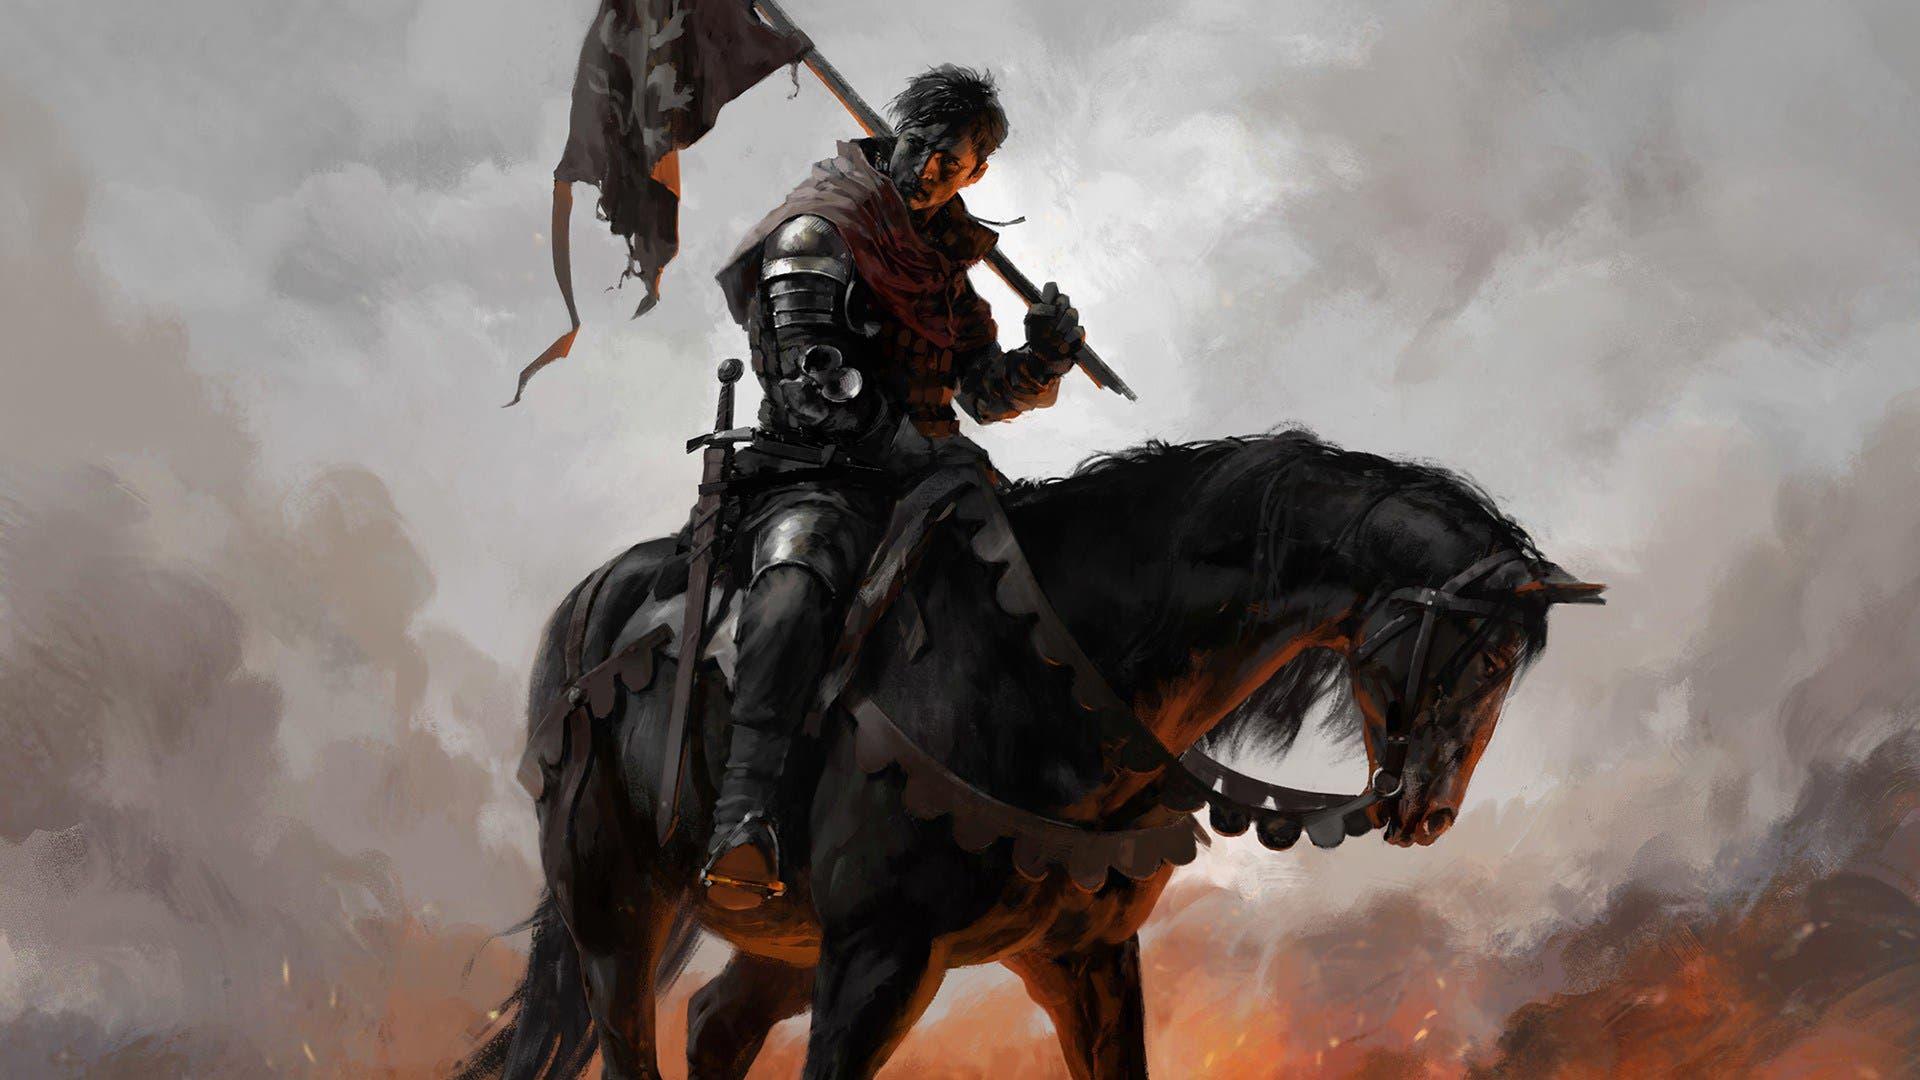 Imagen de Ya puedes conseguir Kingdom Come Deliverance y Aztez de forma gratuita gracias a Epic Games Store